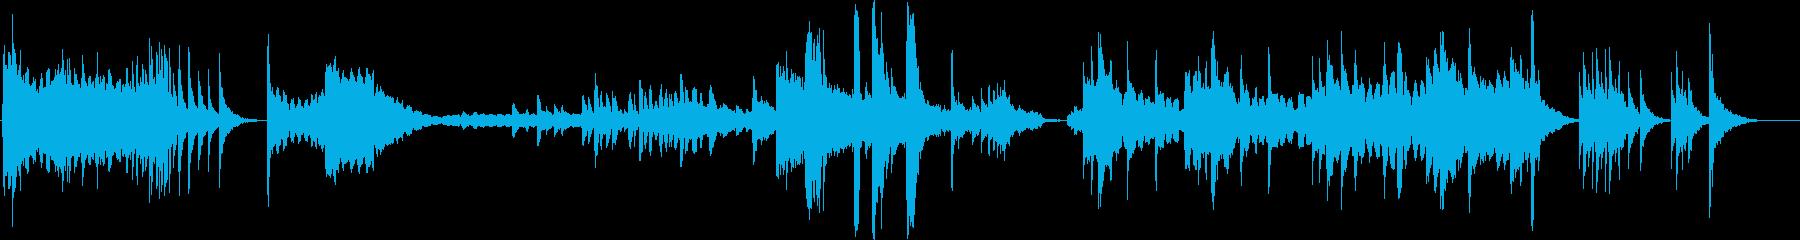 【和風ジングル】尺八・琴・和太鼓・祭りの再生済みの波形